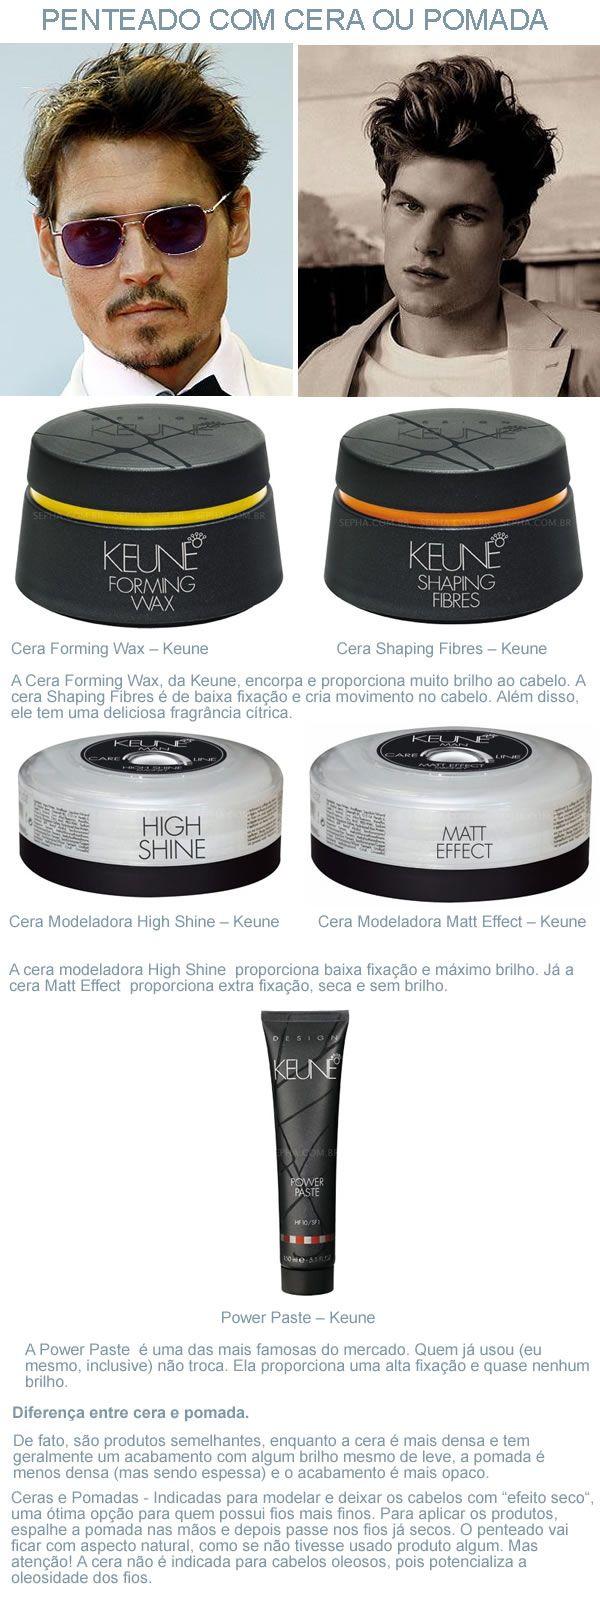 Os produtos corretos para cada tipo de penteado do homem Confira qual é o produto indicado para cada tipo de corte ou penteado, para conseguir o estilo e o look desejado.